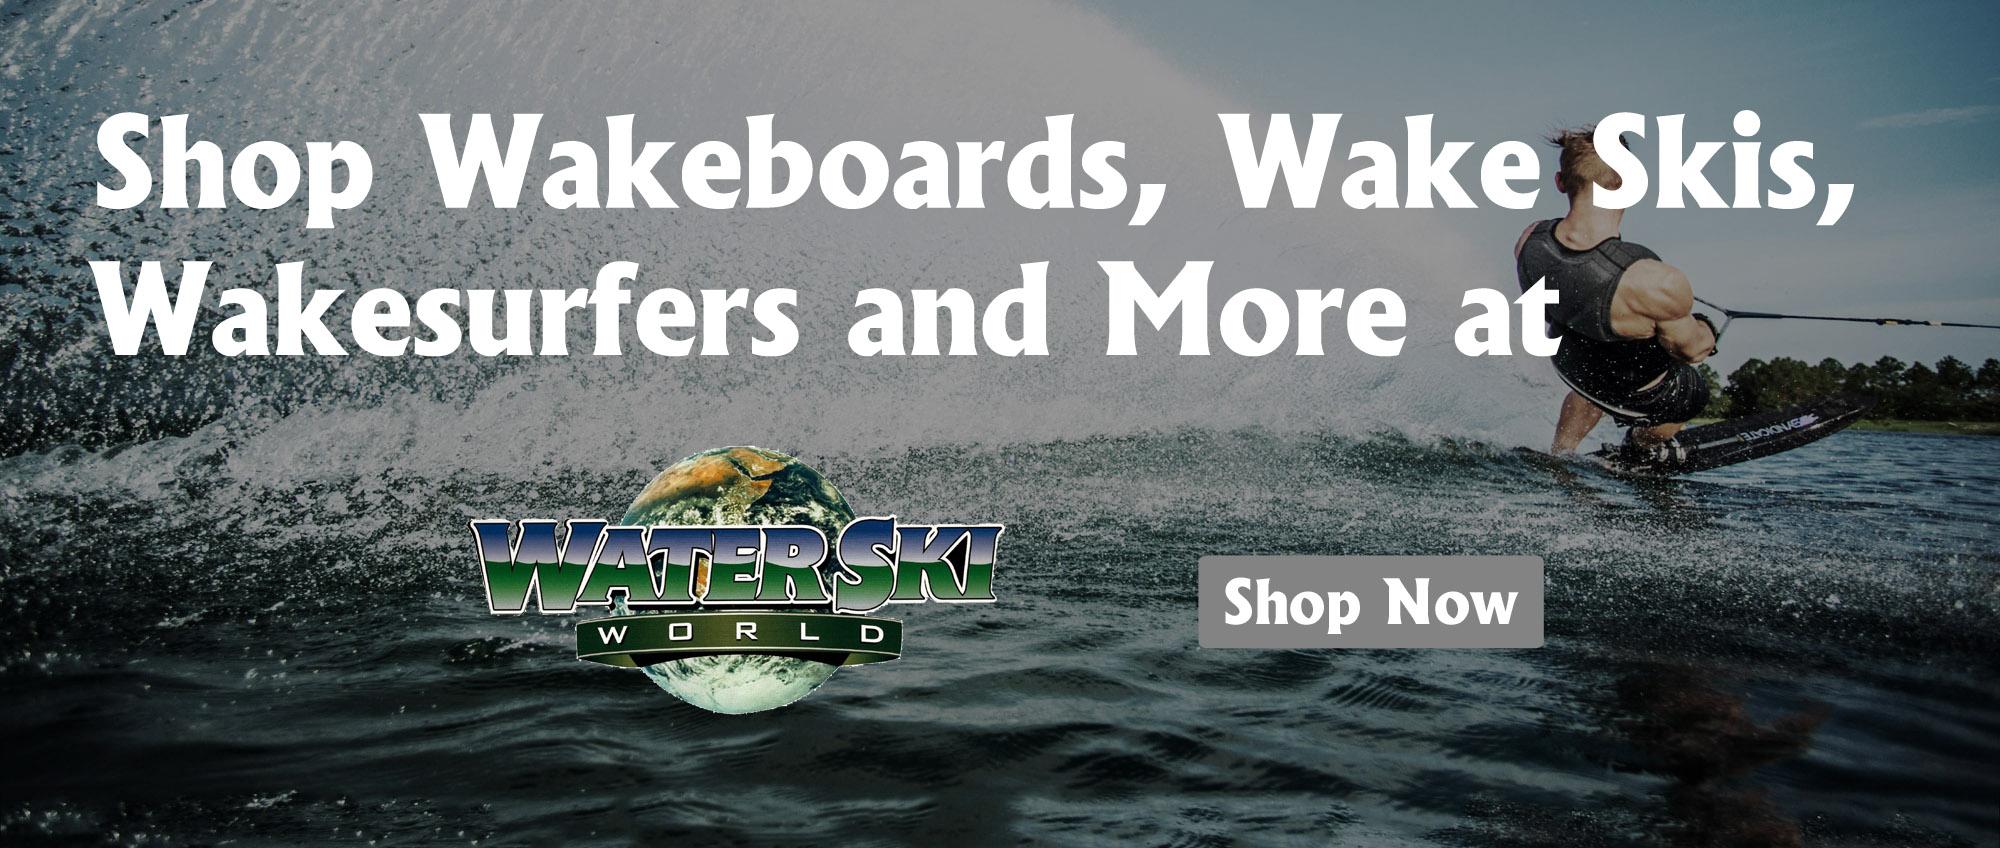 Shop More at Water Ski World